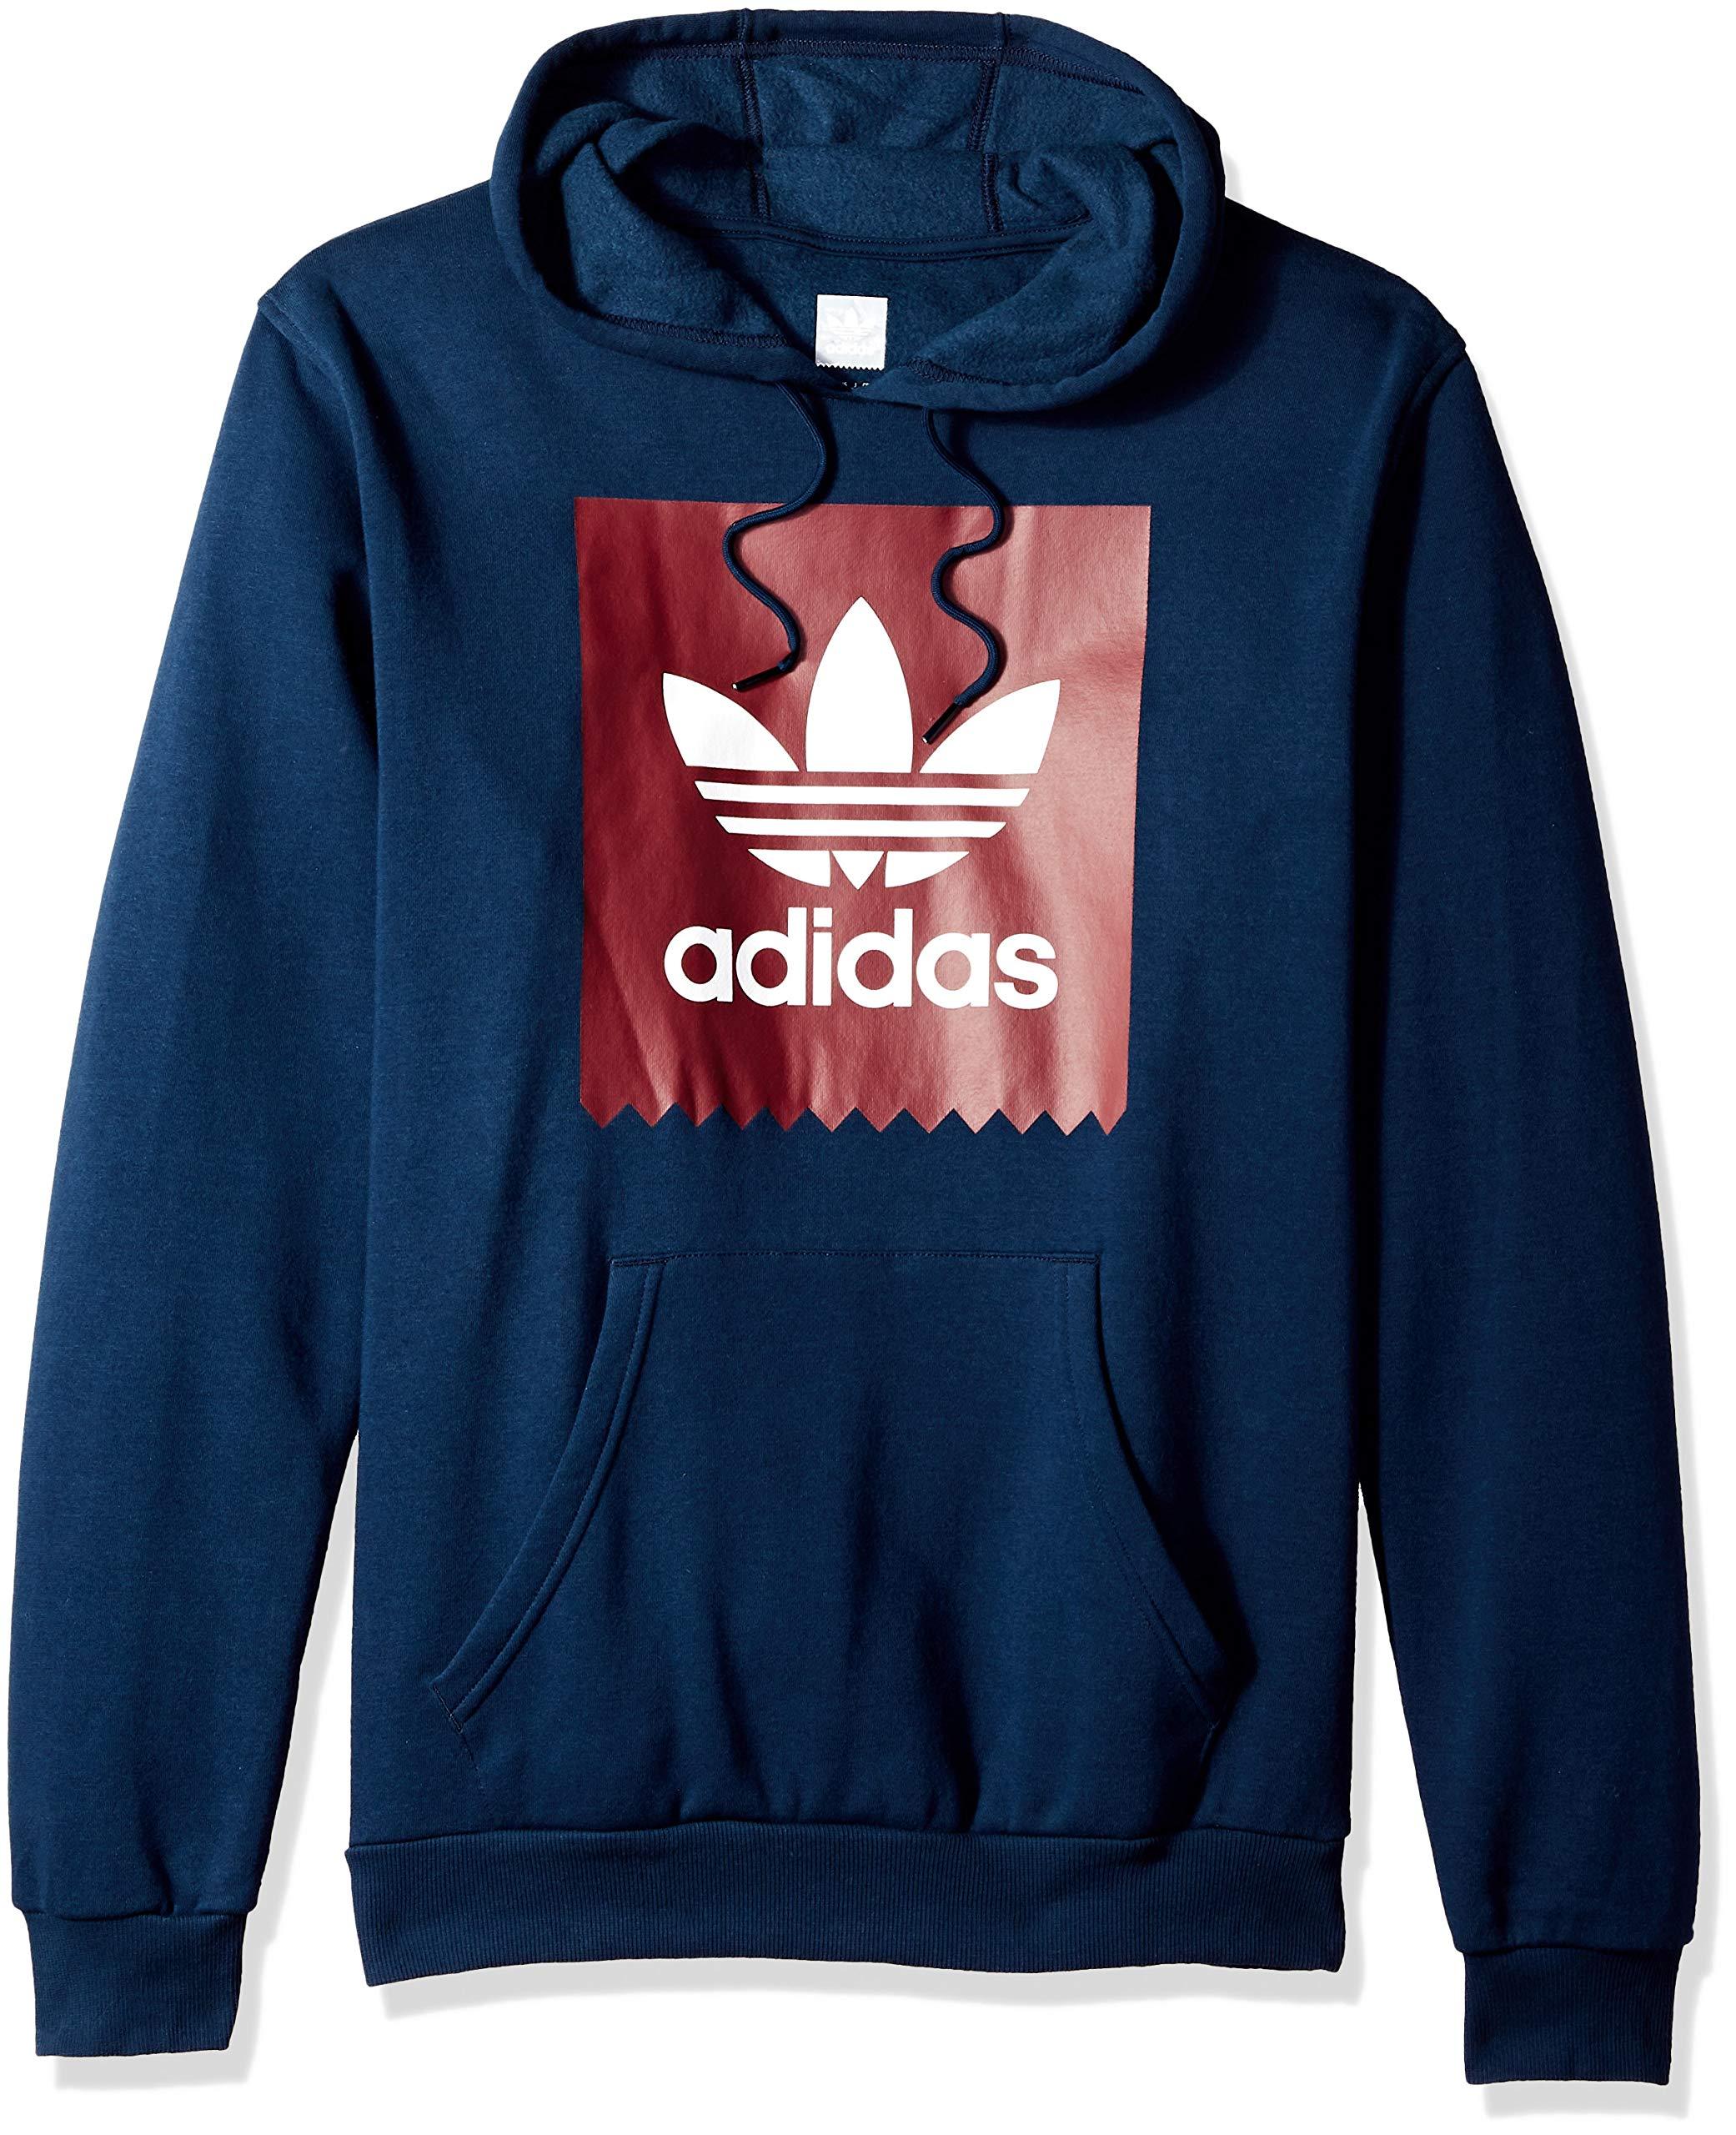 adidas Originals Men's Solid Bb Hoodie, Navy/Collegiate Burgundy/White, 2XL by adidas Originals